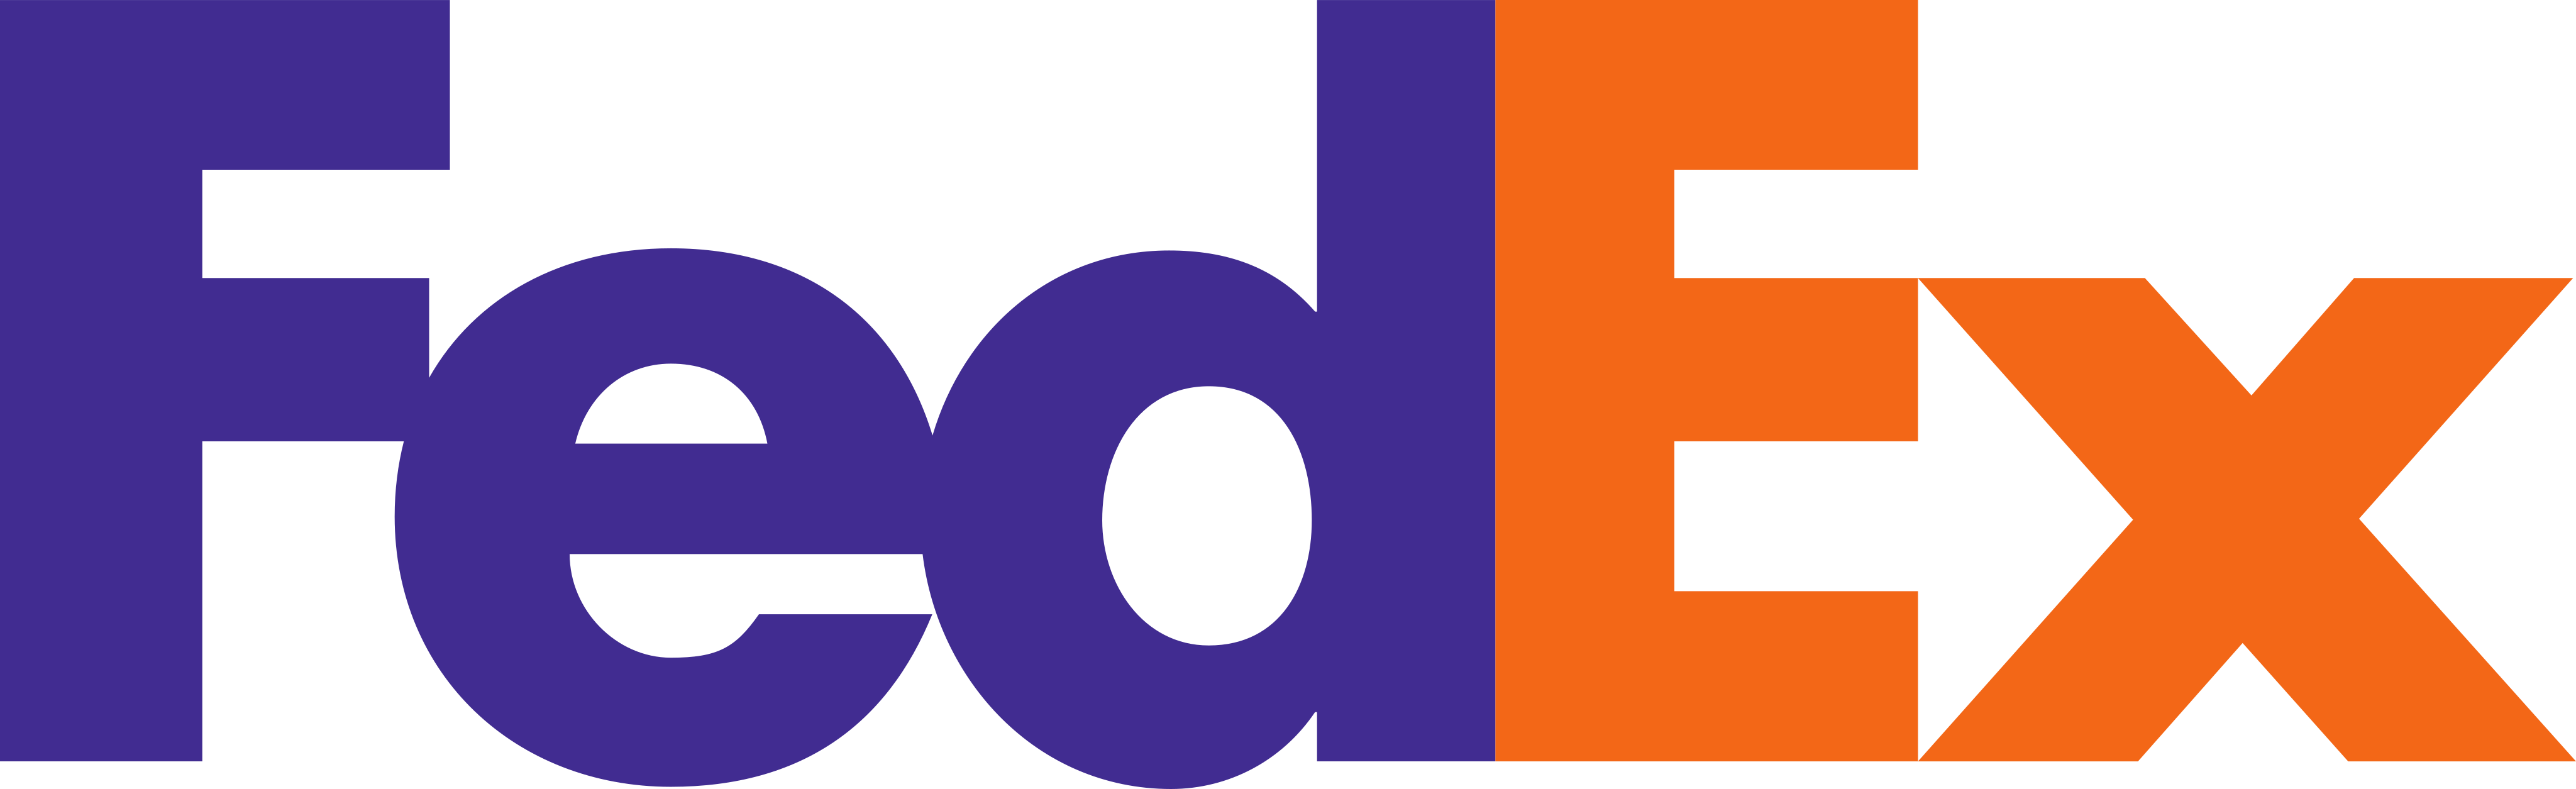 fedex logo - FedEx Logo